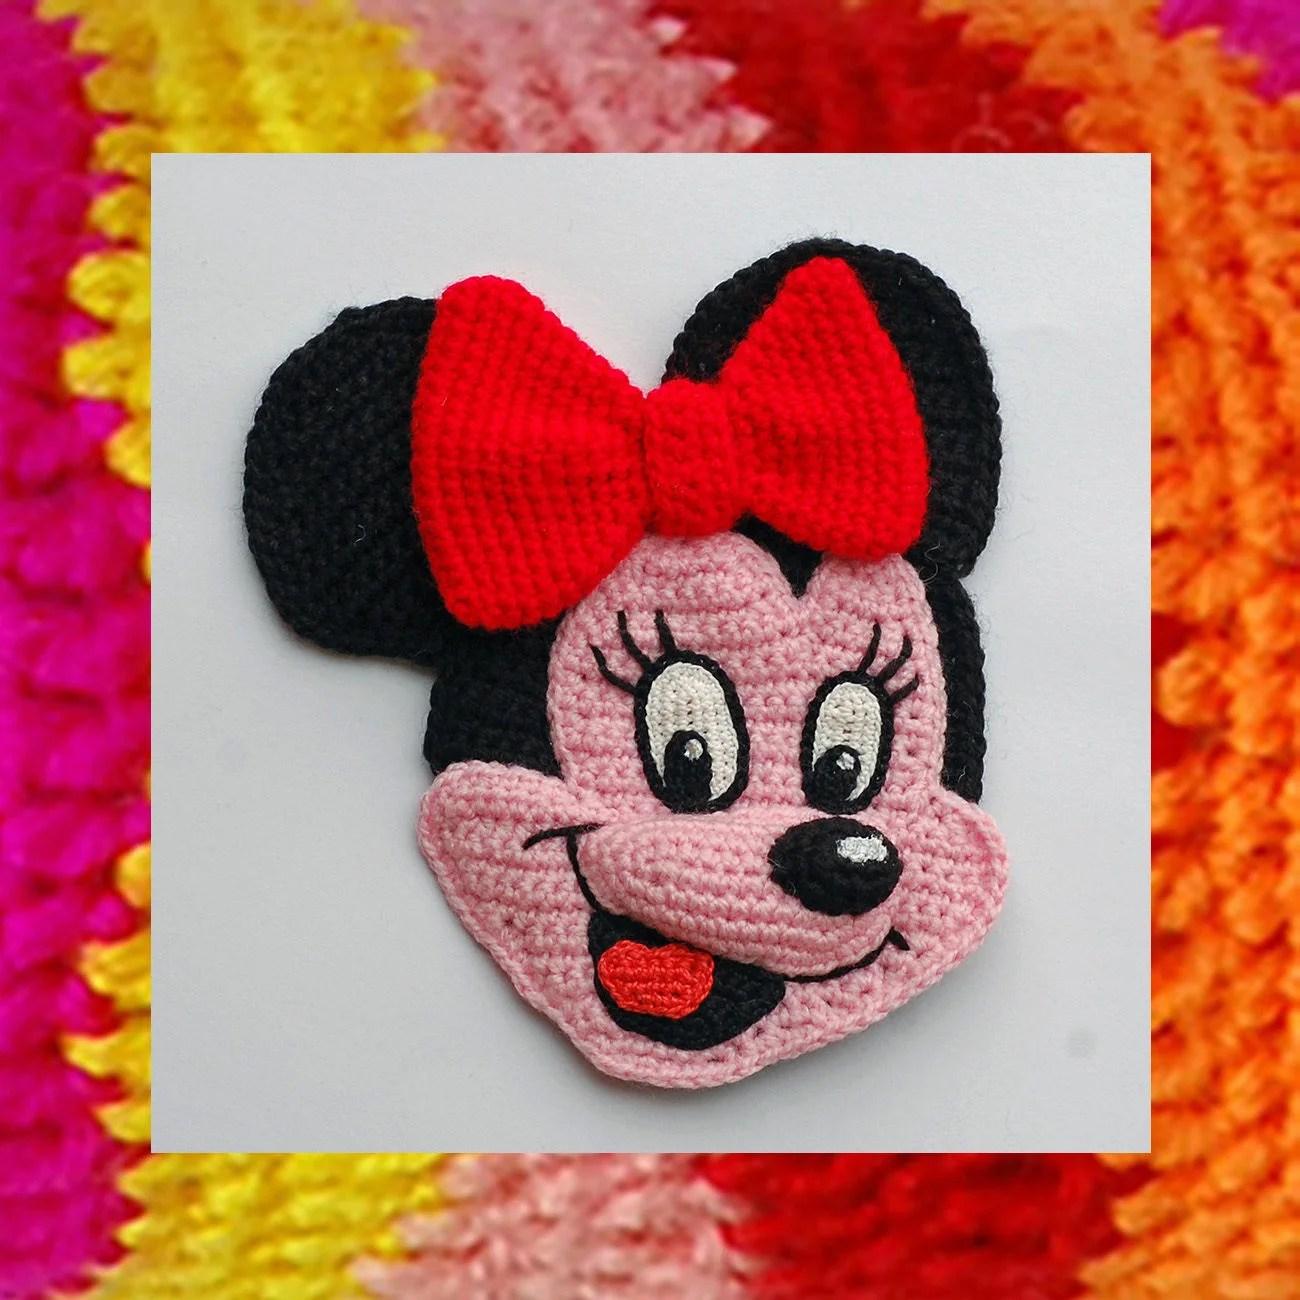 Crochet Pattern Applique Charming Mouse